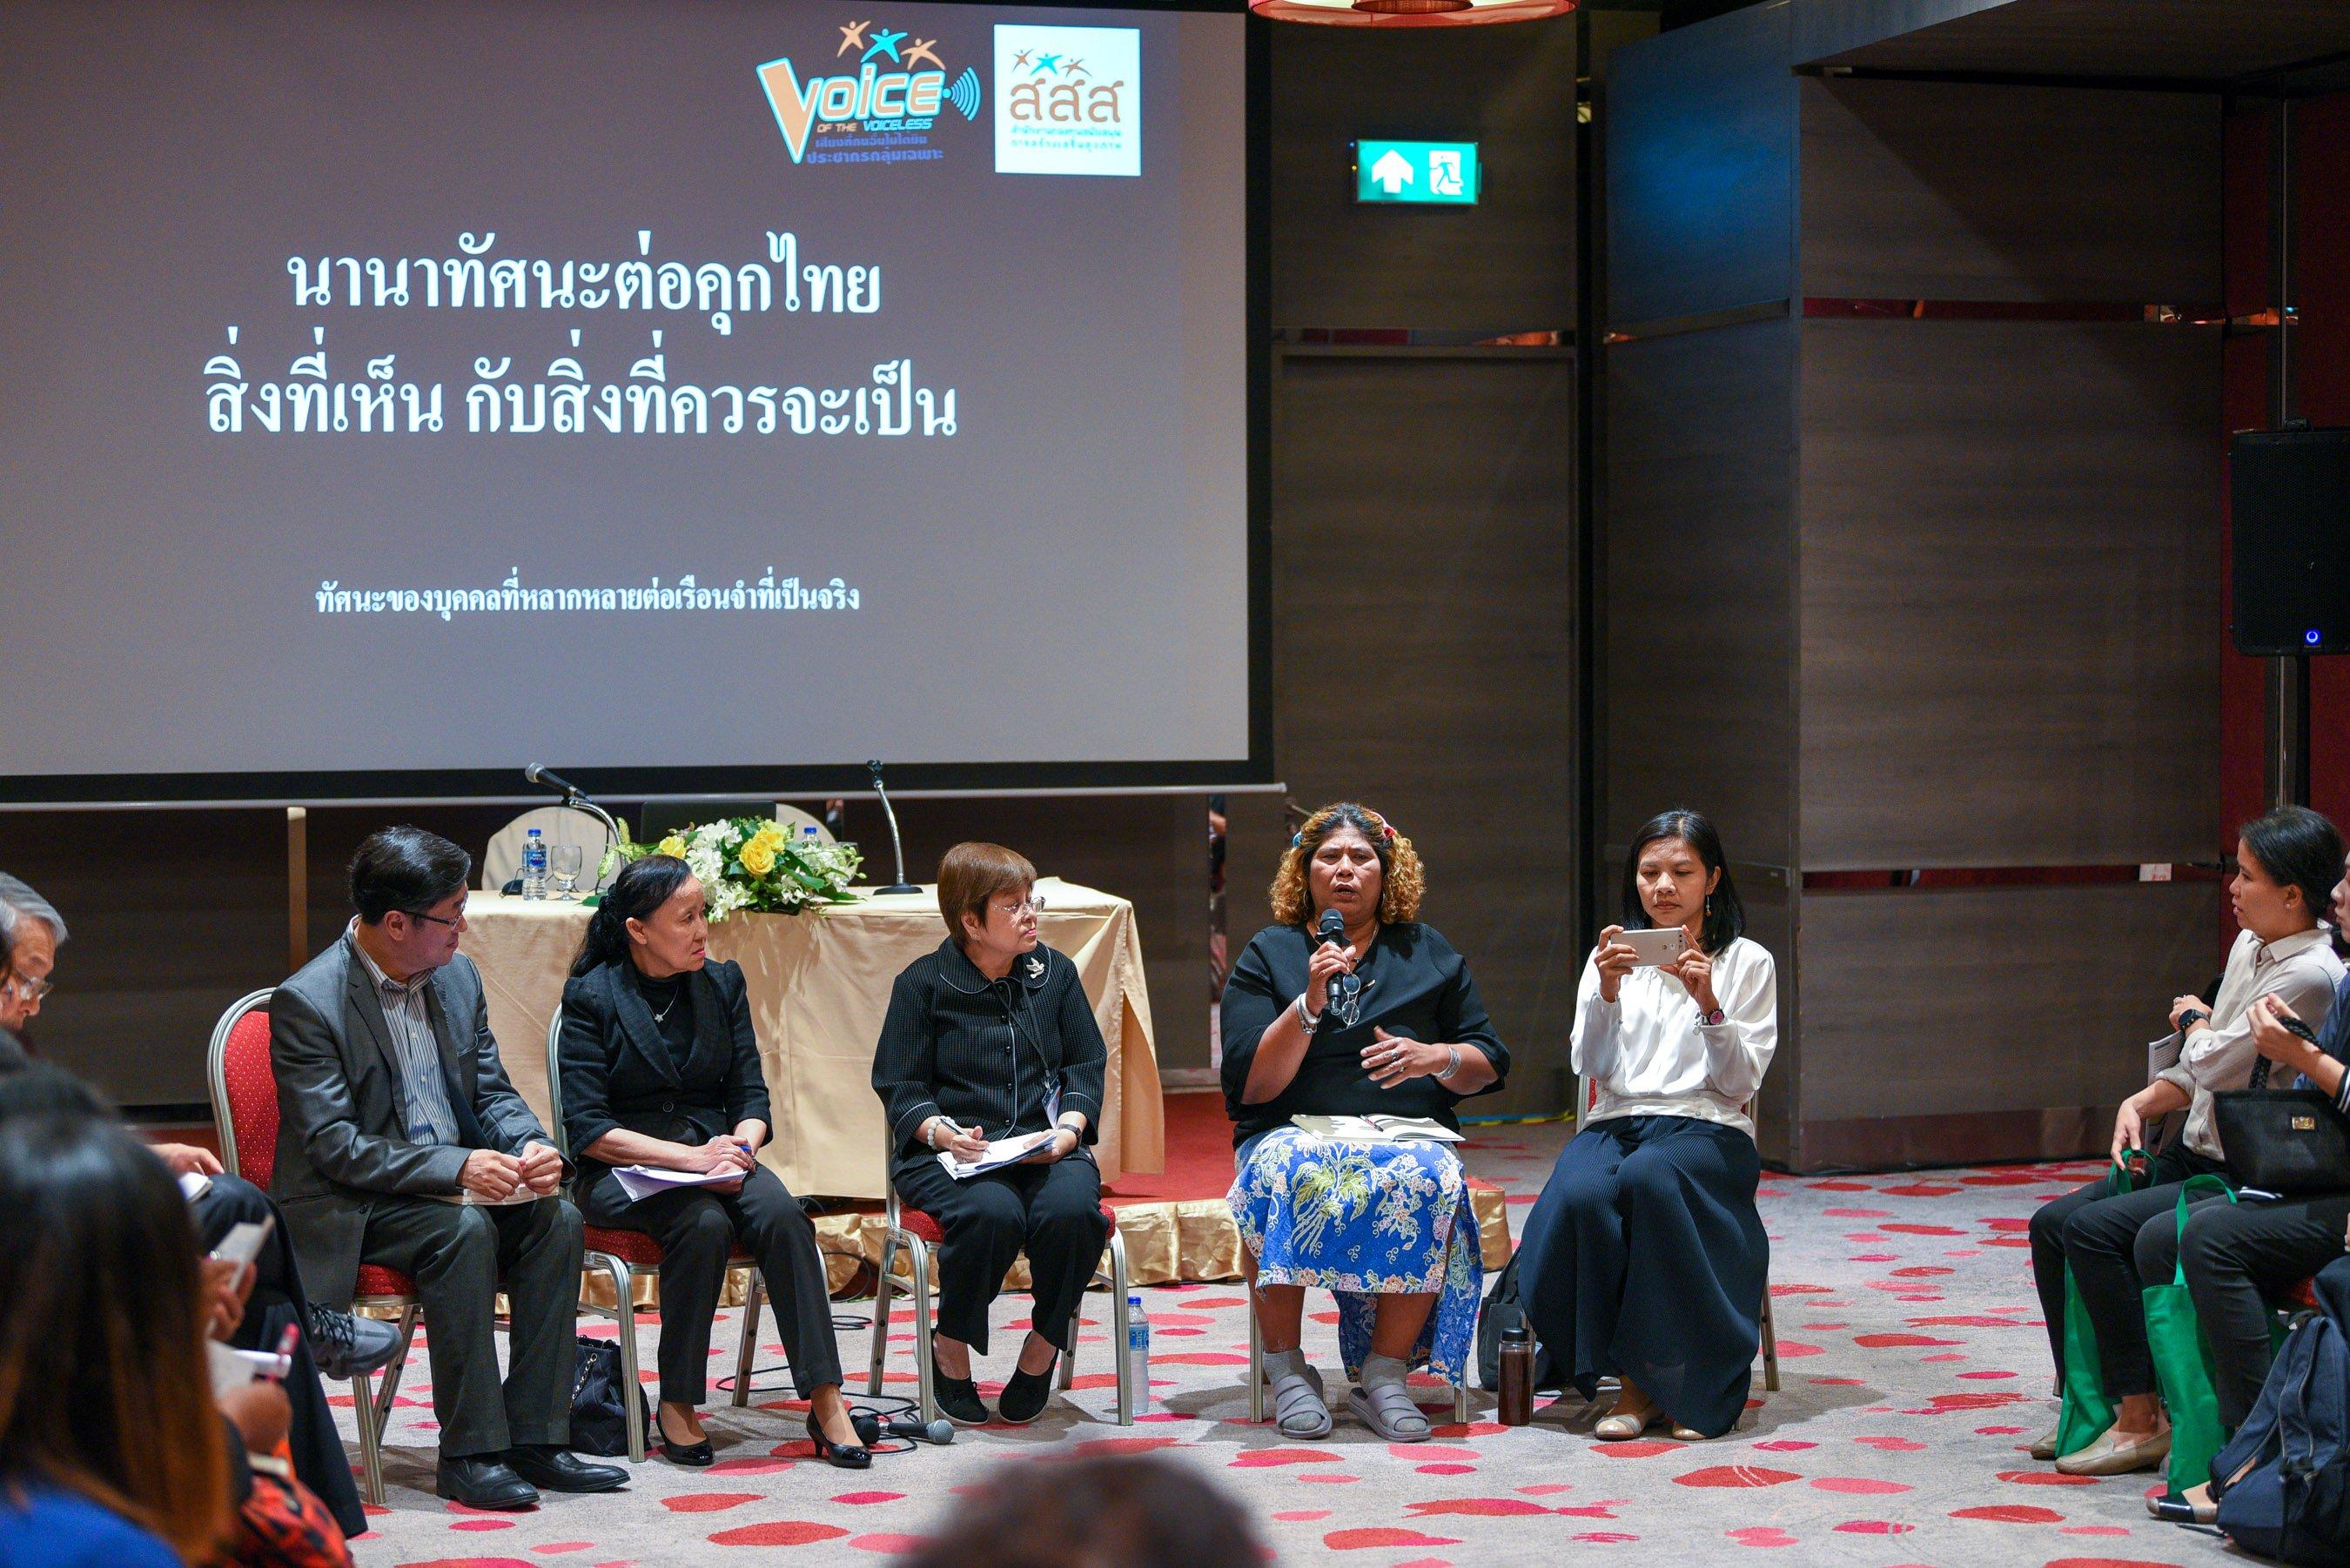 นานาทรรศนะต่อคุกไทย เสียงสะท้อนหลากมุมมอง thaihealth